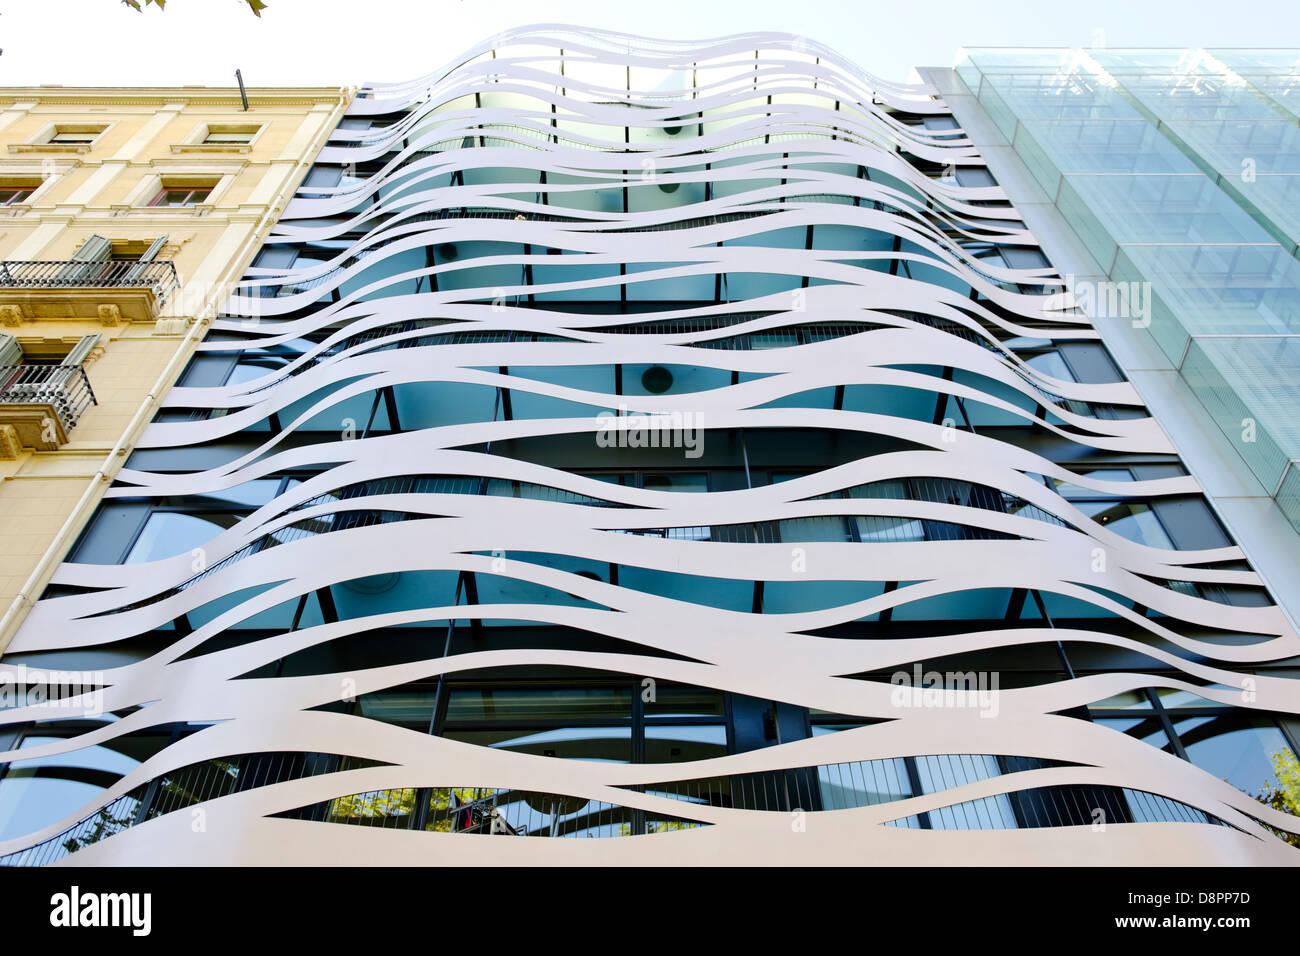 Architektur Fassade moderne architektur neben klassischer architektur fassade